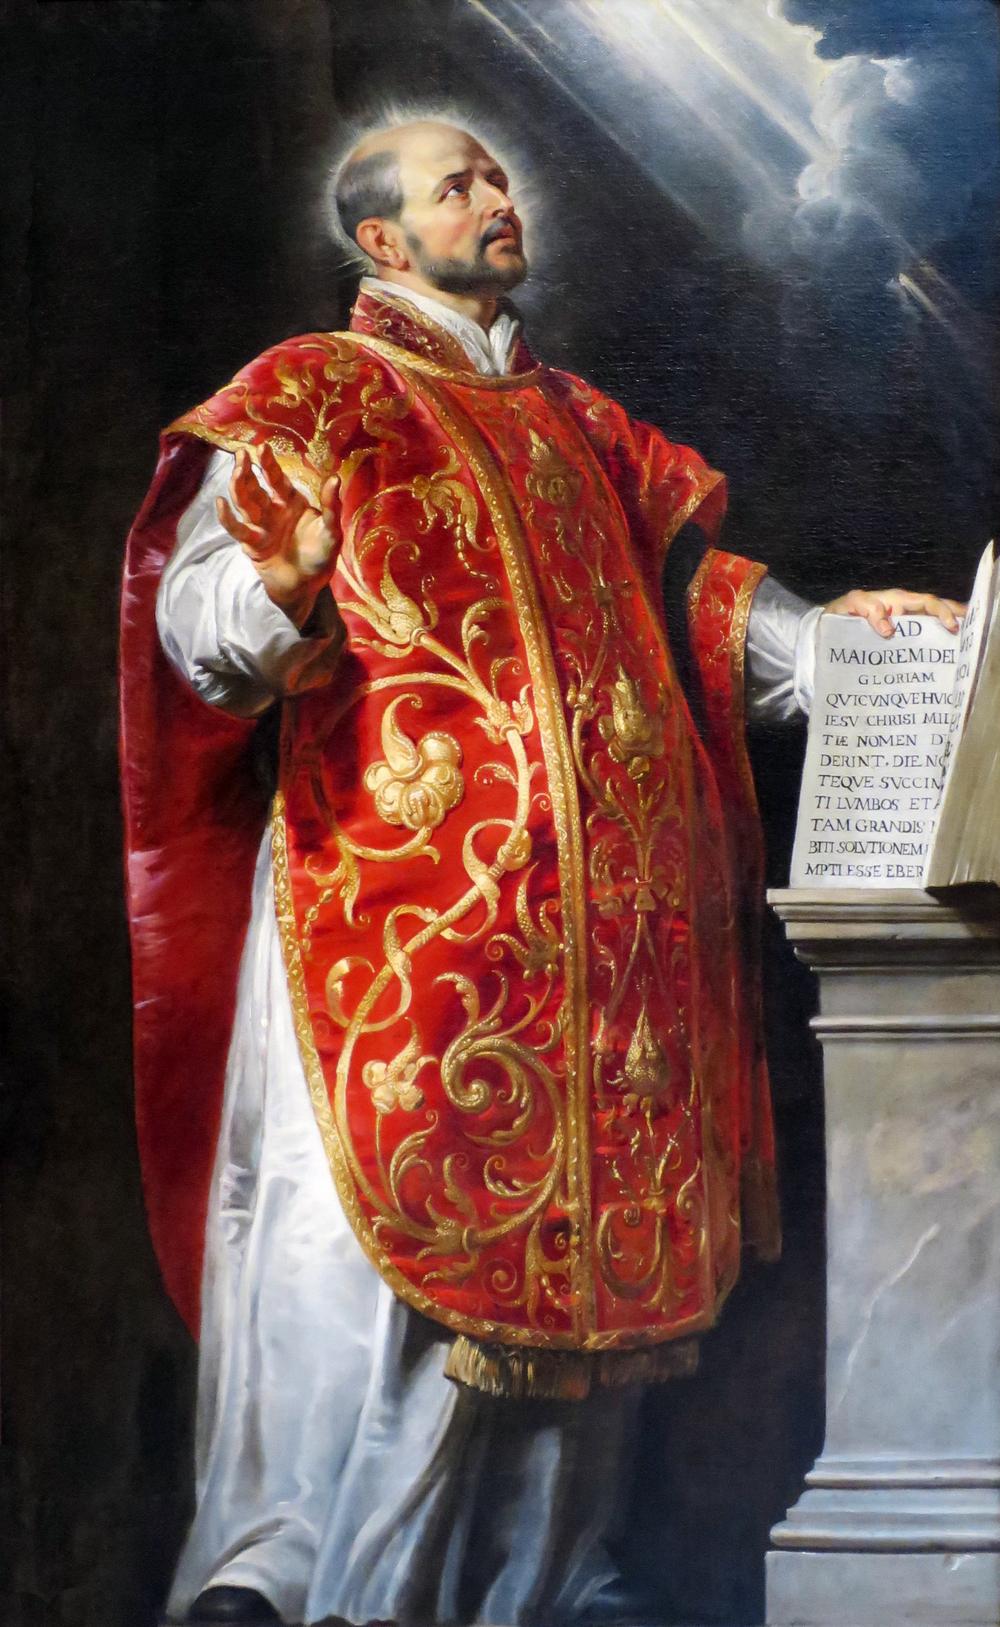 St. Ignatius of Loyola